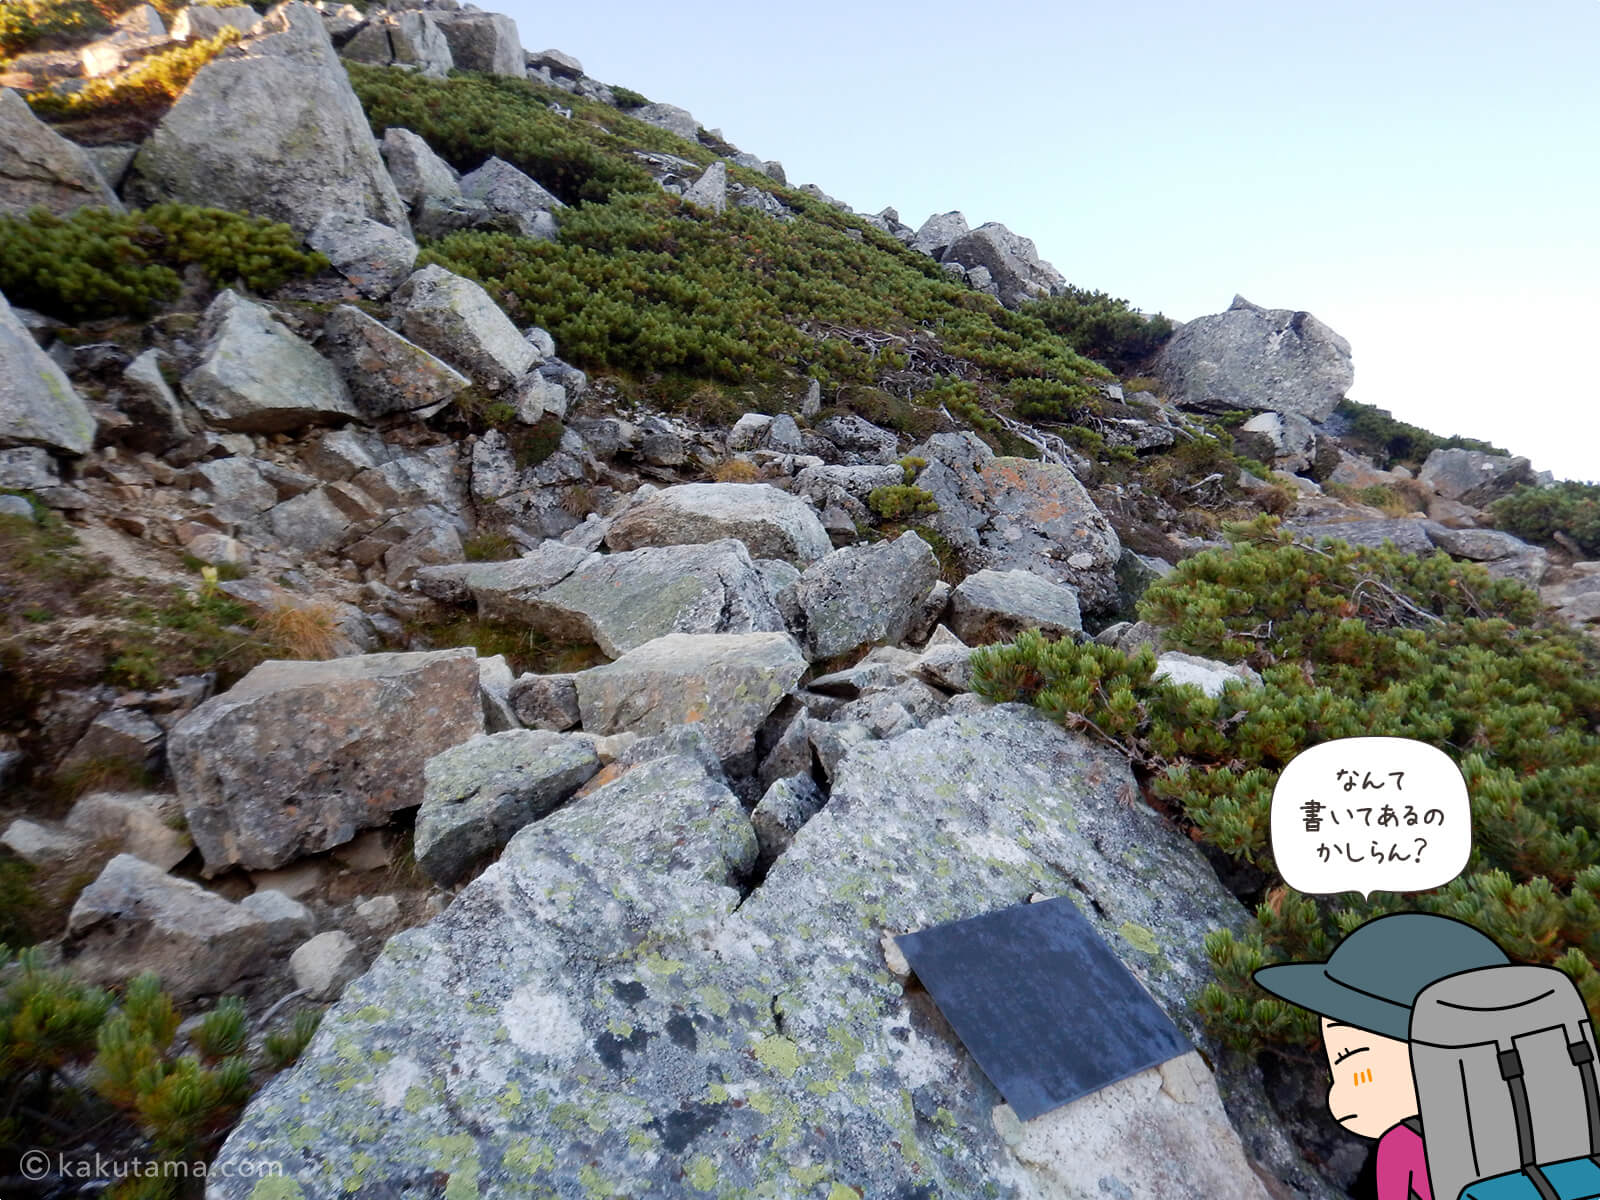 鷲羽岳へ向かって上りだす3